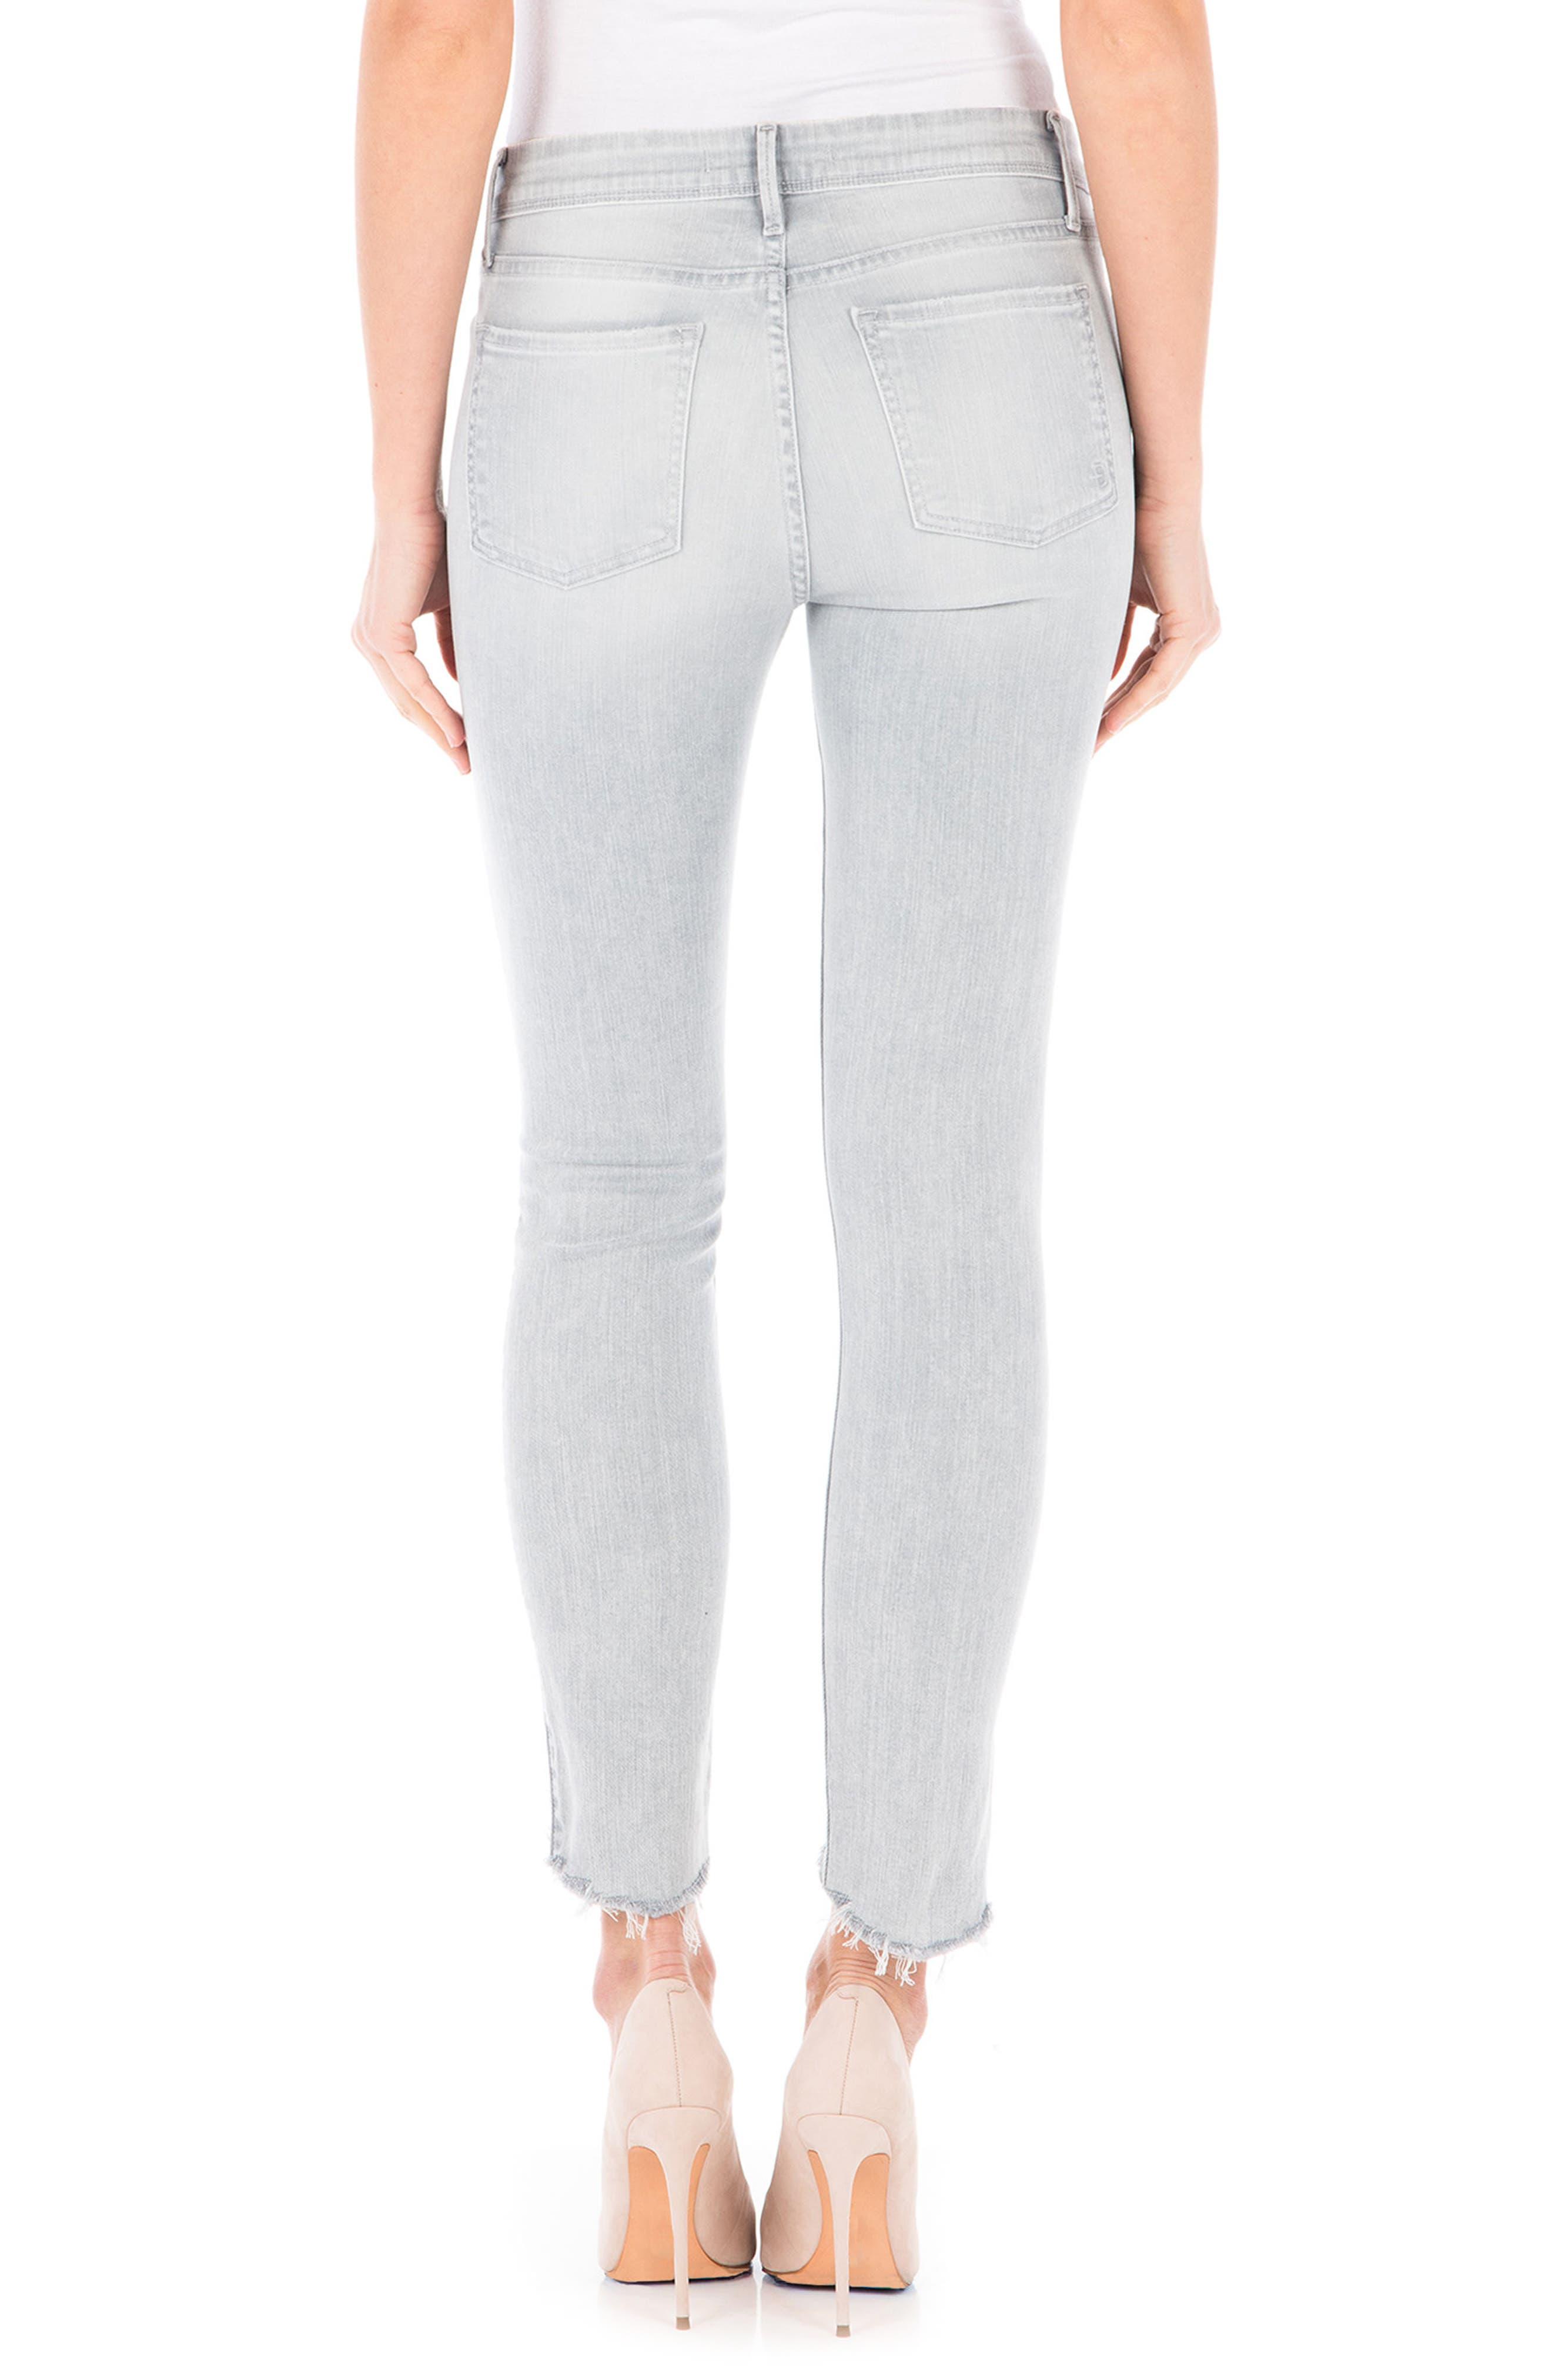 Sola Skinny Jeans,                             Alternate thumbnail 2, color,                             Quartz